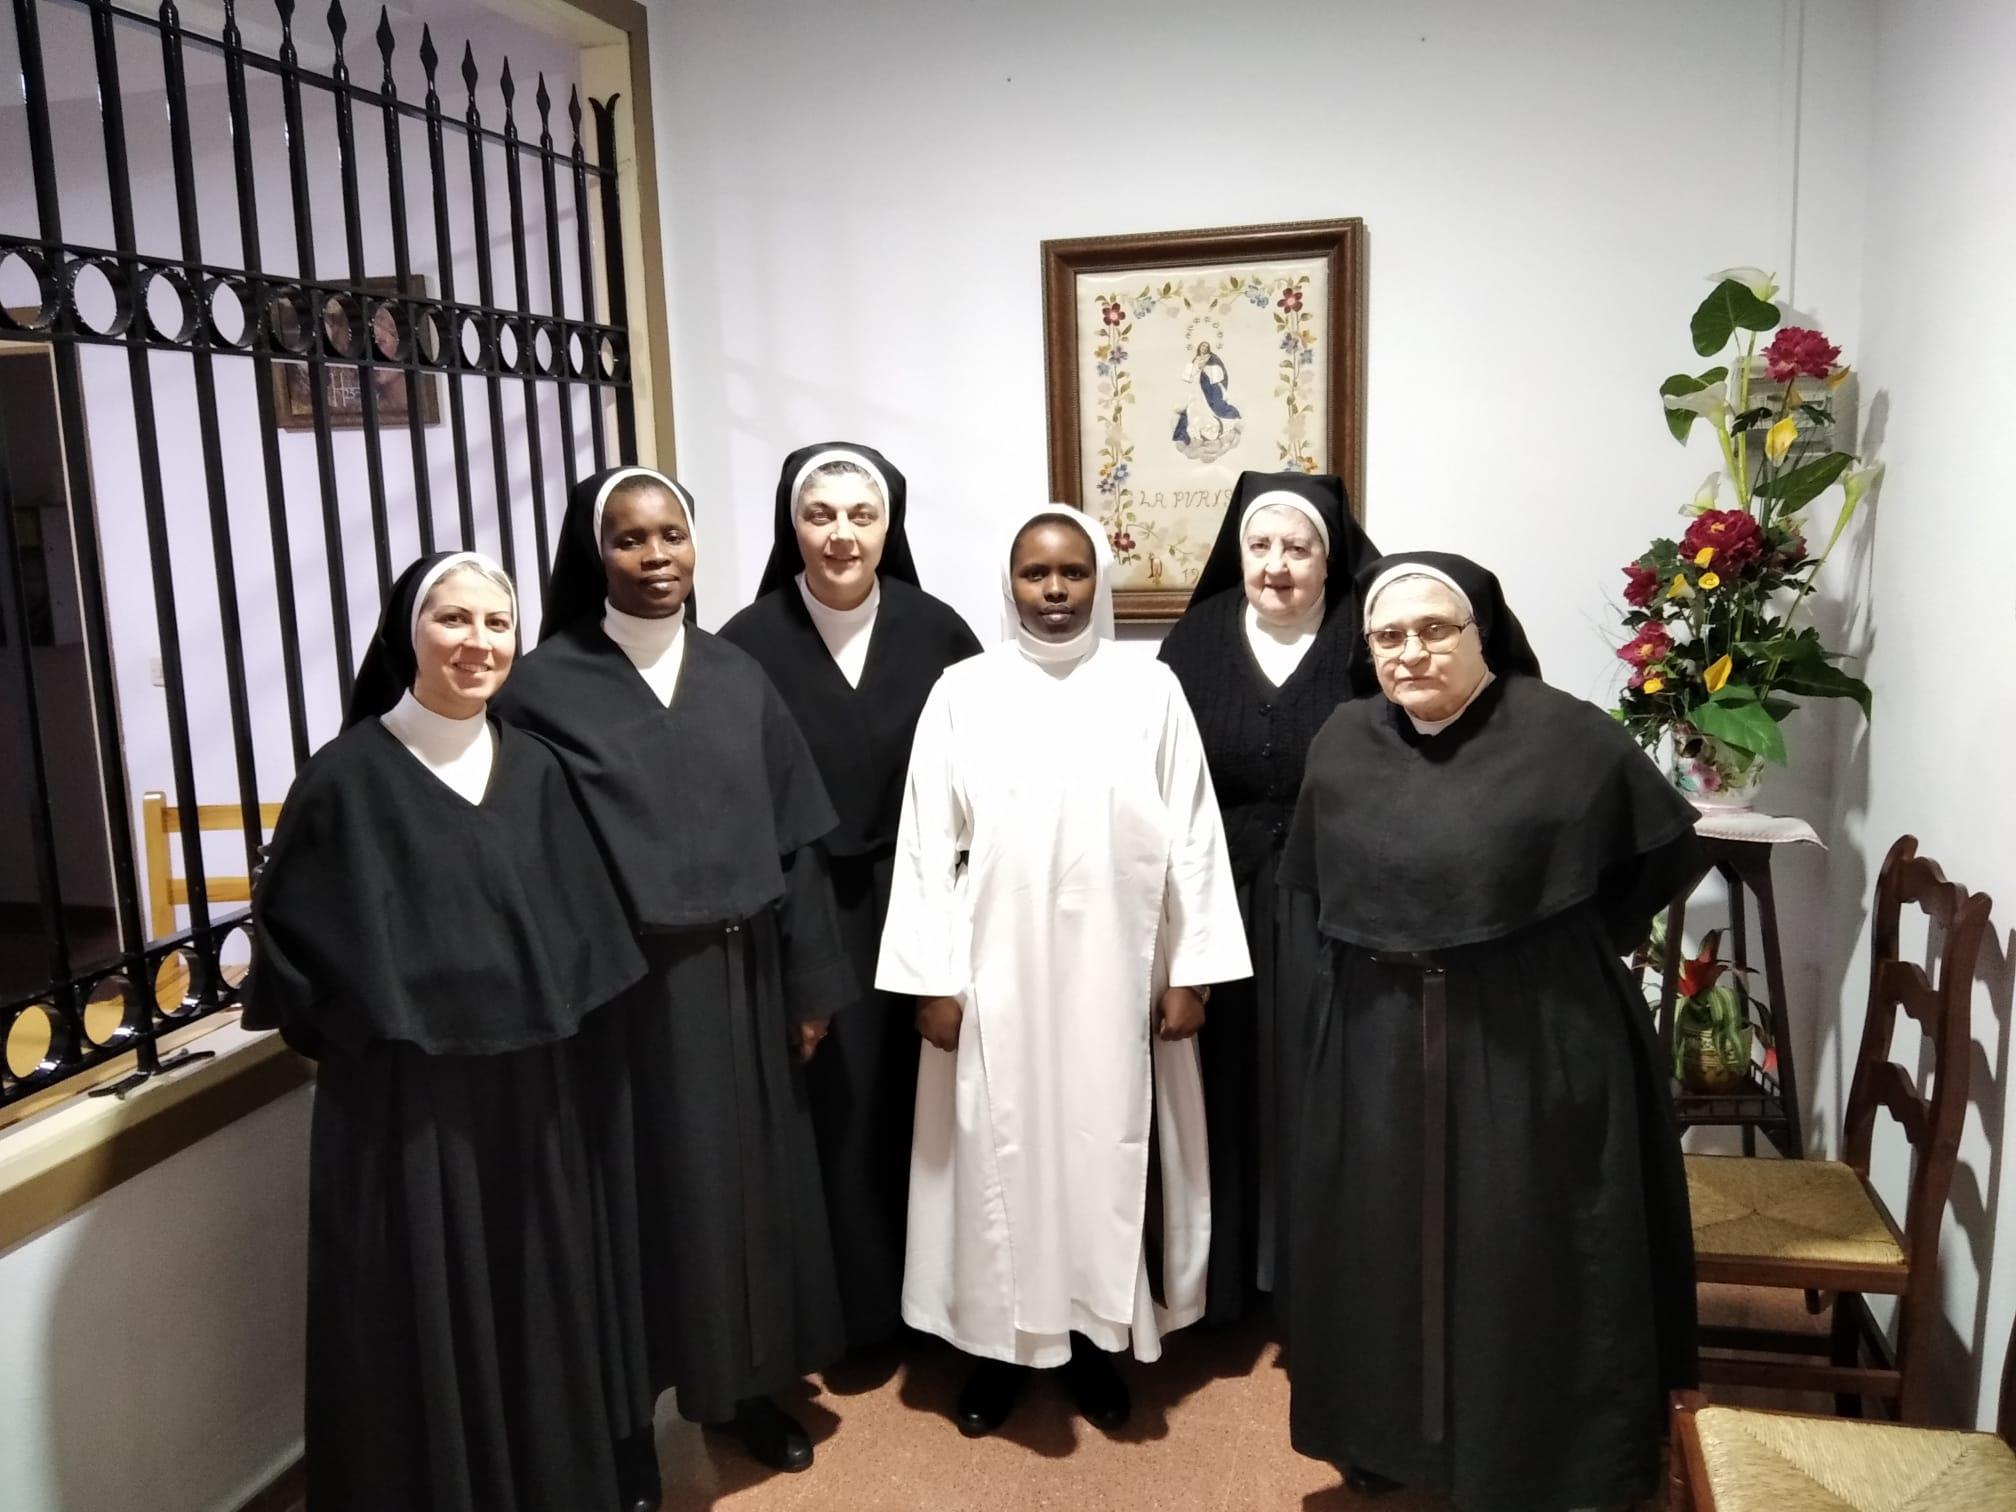 El 27 de agosto se celebra el Día de de Santa Mónica, un día en el que recordamos a la madre terrenal y espiritual de San Agustín.